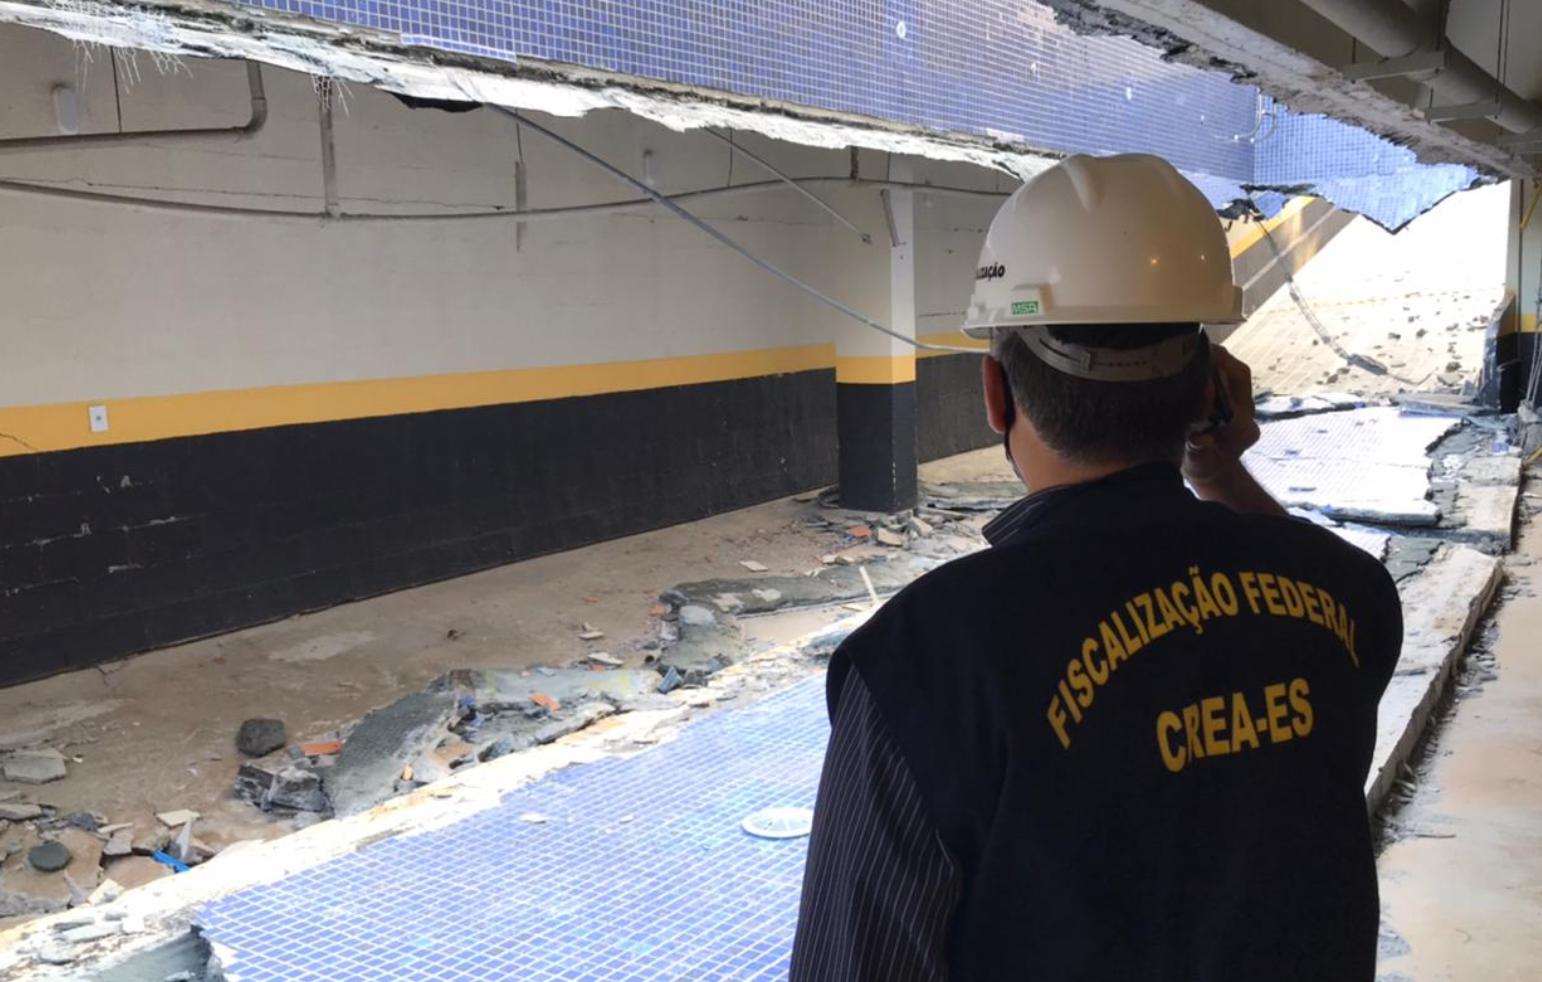 Acidentes devido a problemas estruturais: de quem é a responsabilidade? Em Fortaleza (CE) pedreiro e engenheiro responderão por homicídio.